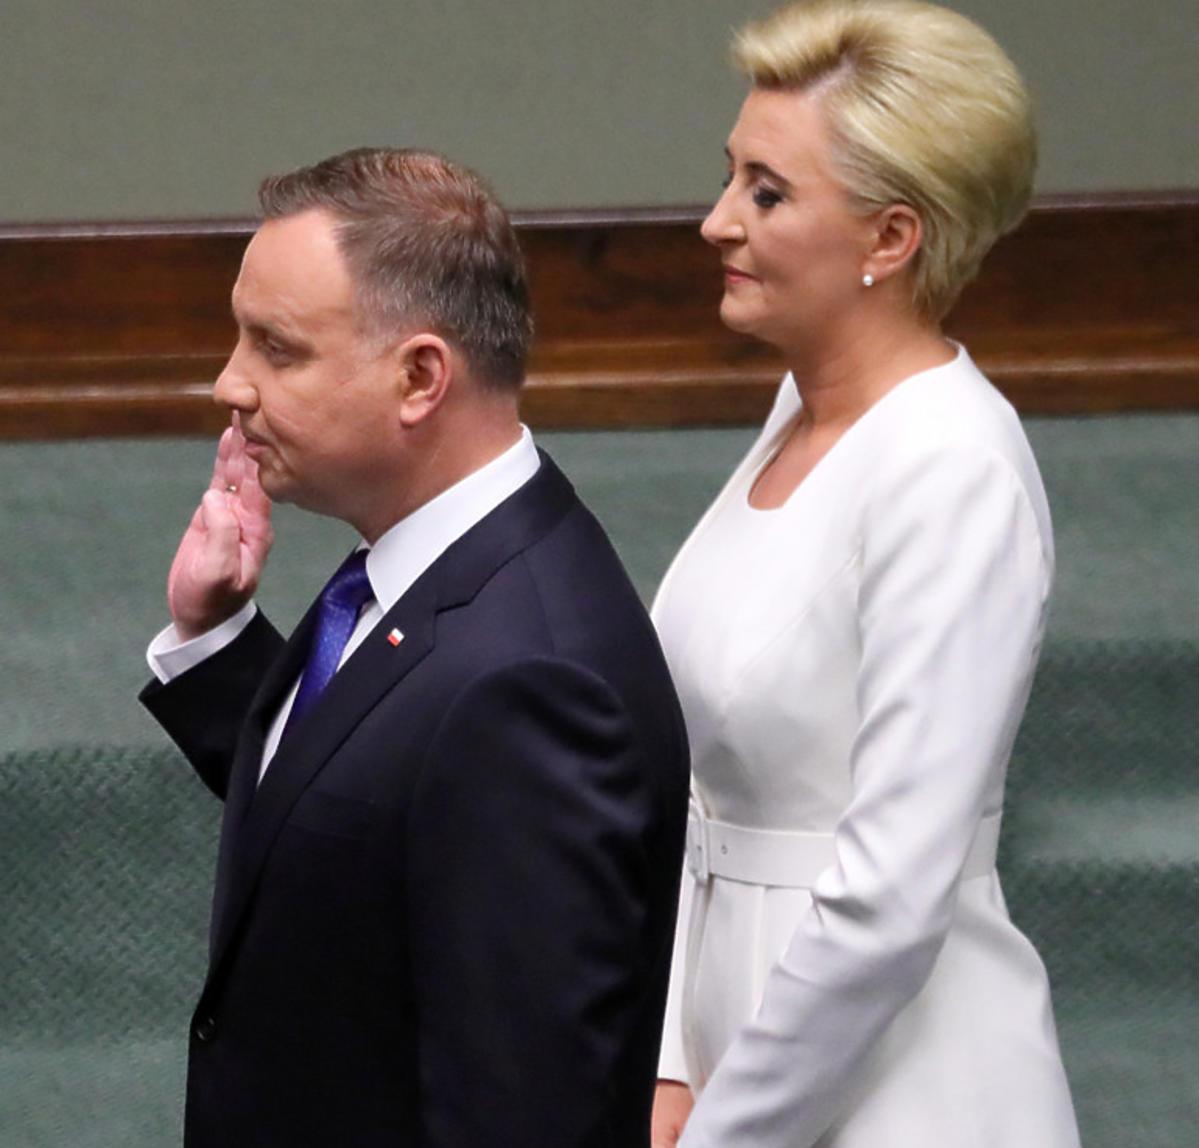 Agata Duda na zaprzysiężeniu prezydenta Dudy